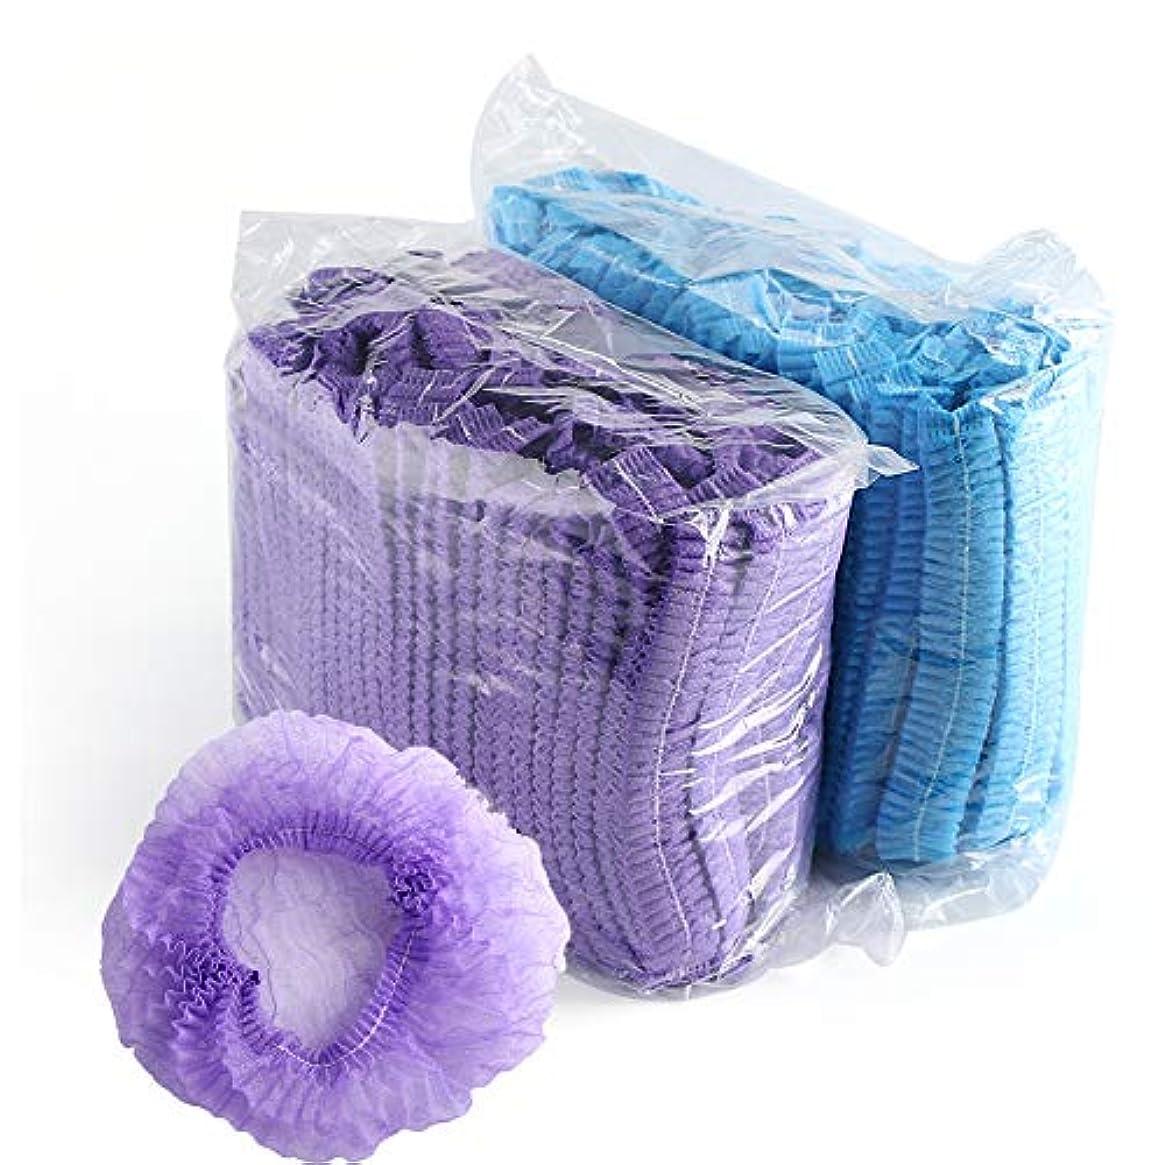 絶望的なおとこ受け入れる100ピース使い捨てストリップシャワーキャップ不織布シャワーキャップホテルシャワーキャップ染めヘアキャップ防水クリーニング美容サロンタトゥー帽子 (Blue)